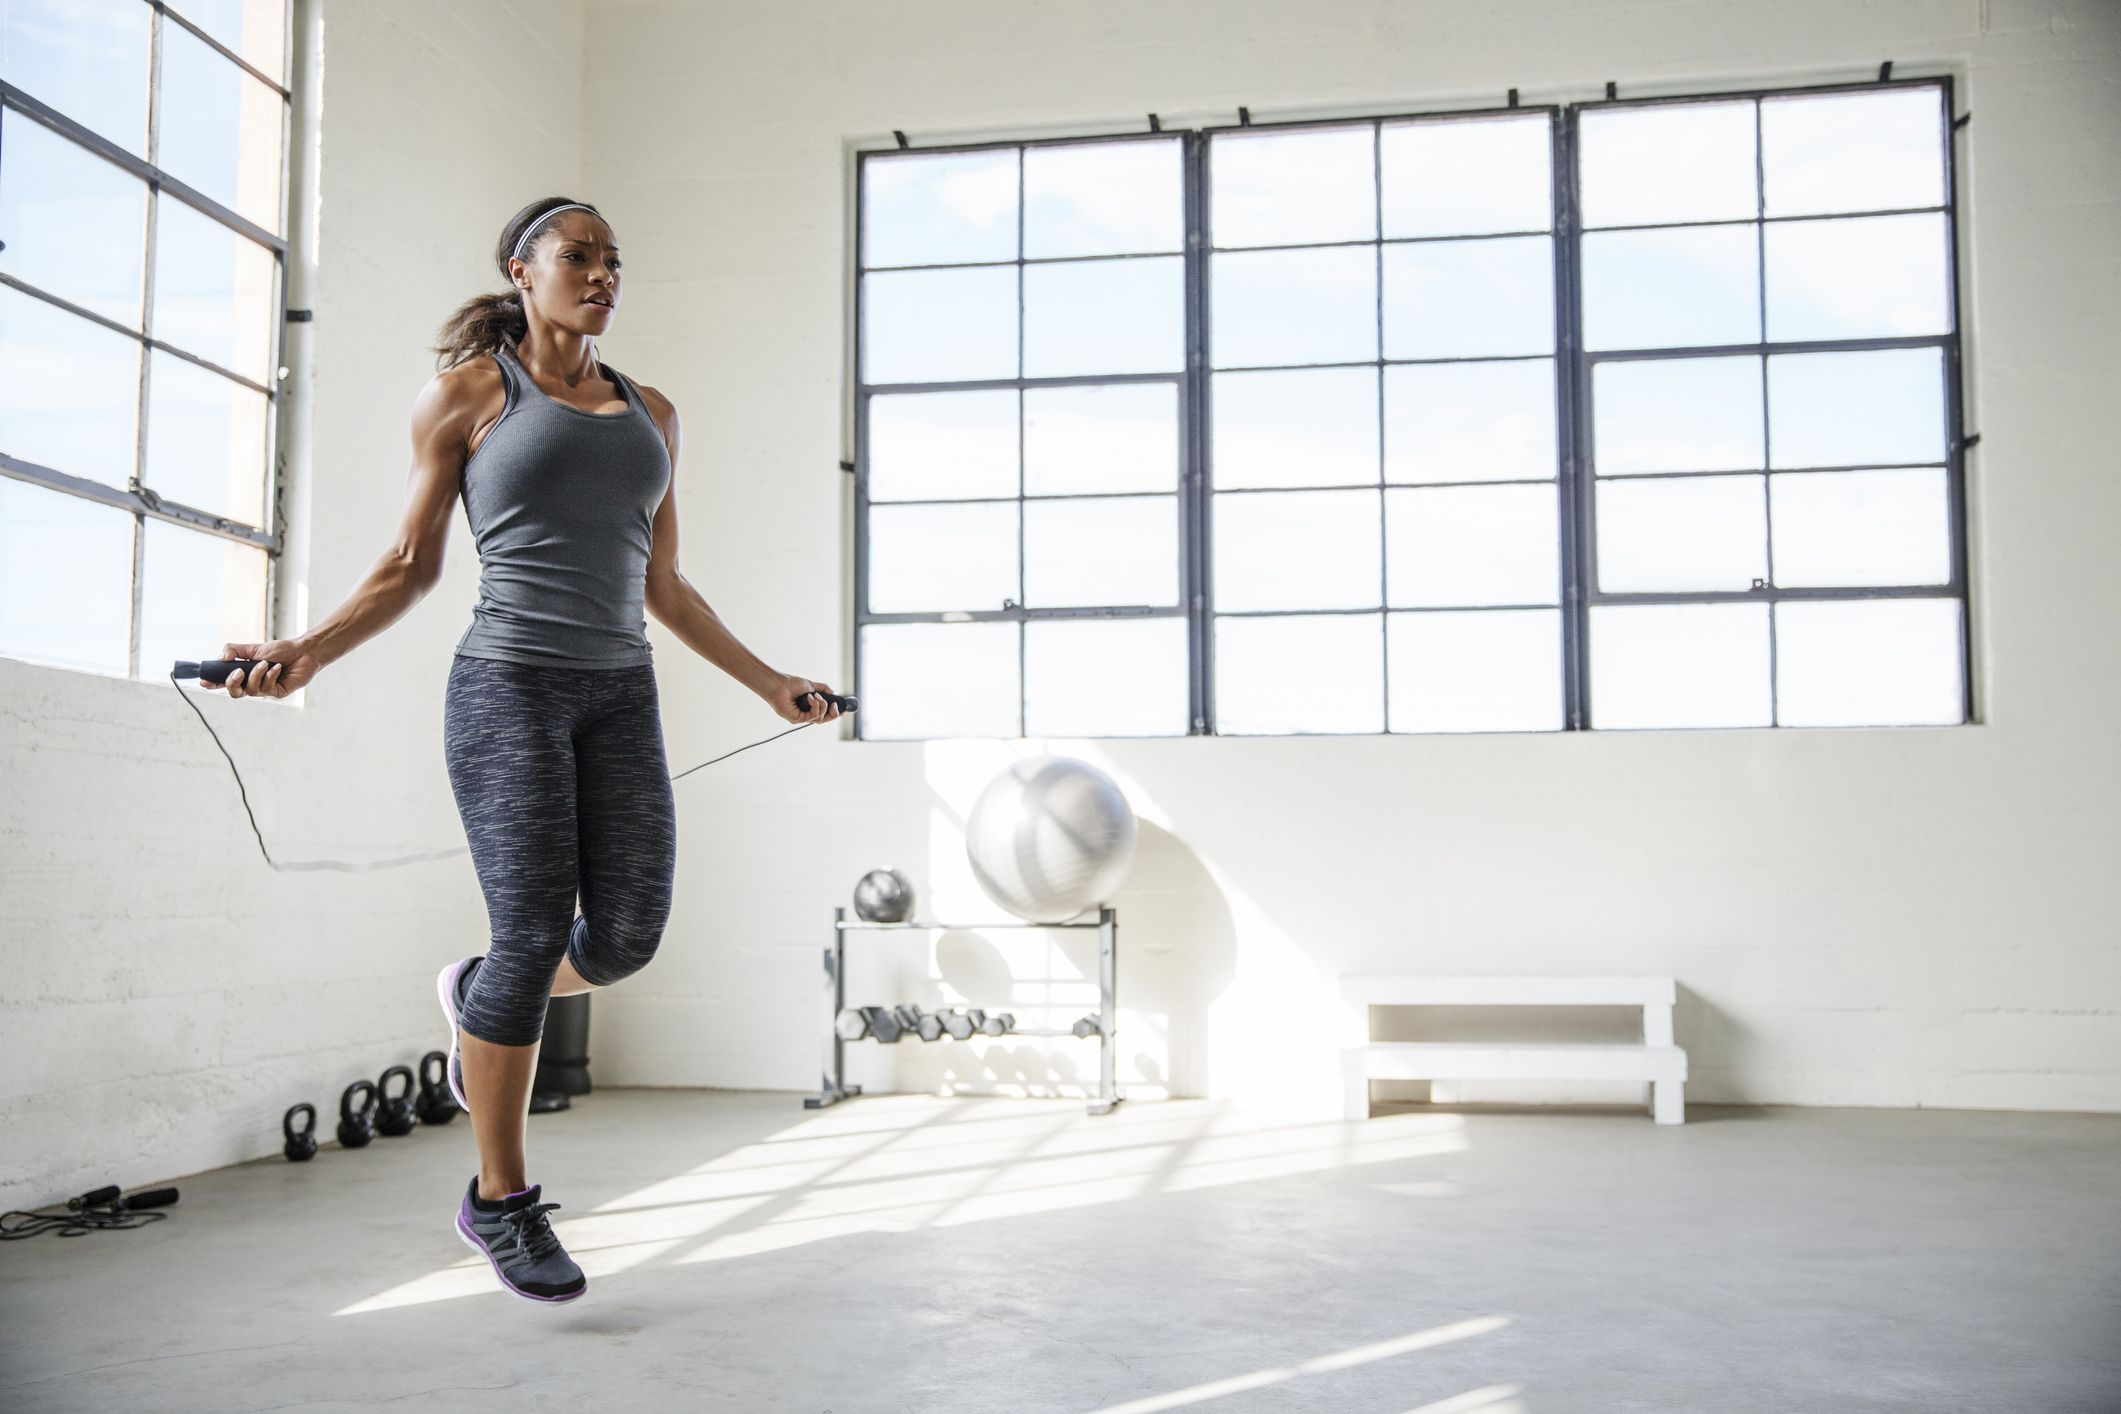 jõusaalis hüppenööriga hüppav naissportlane